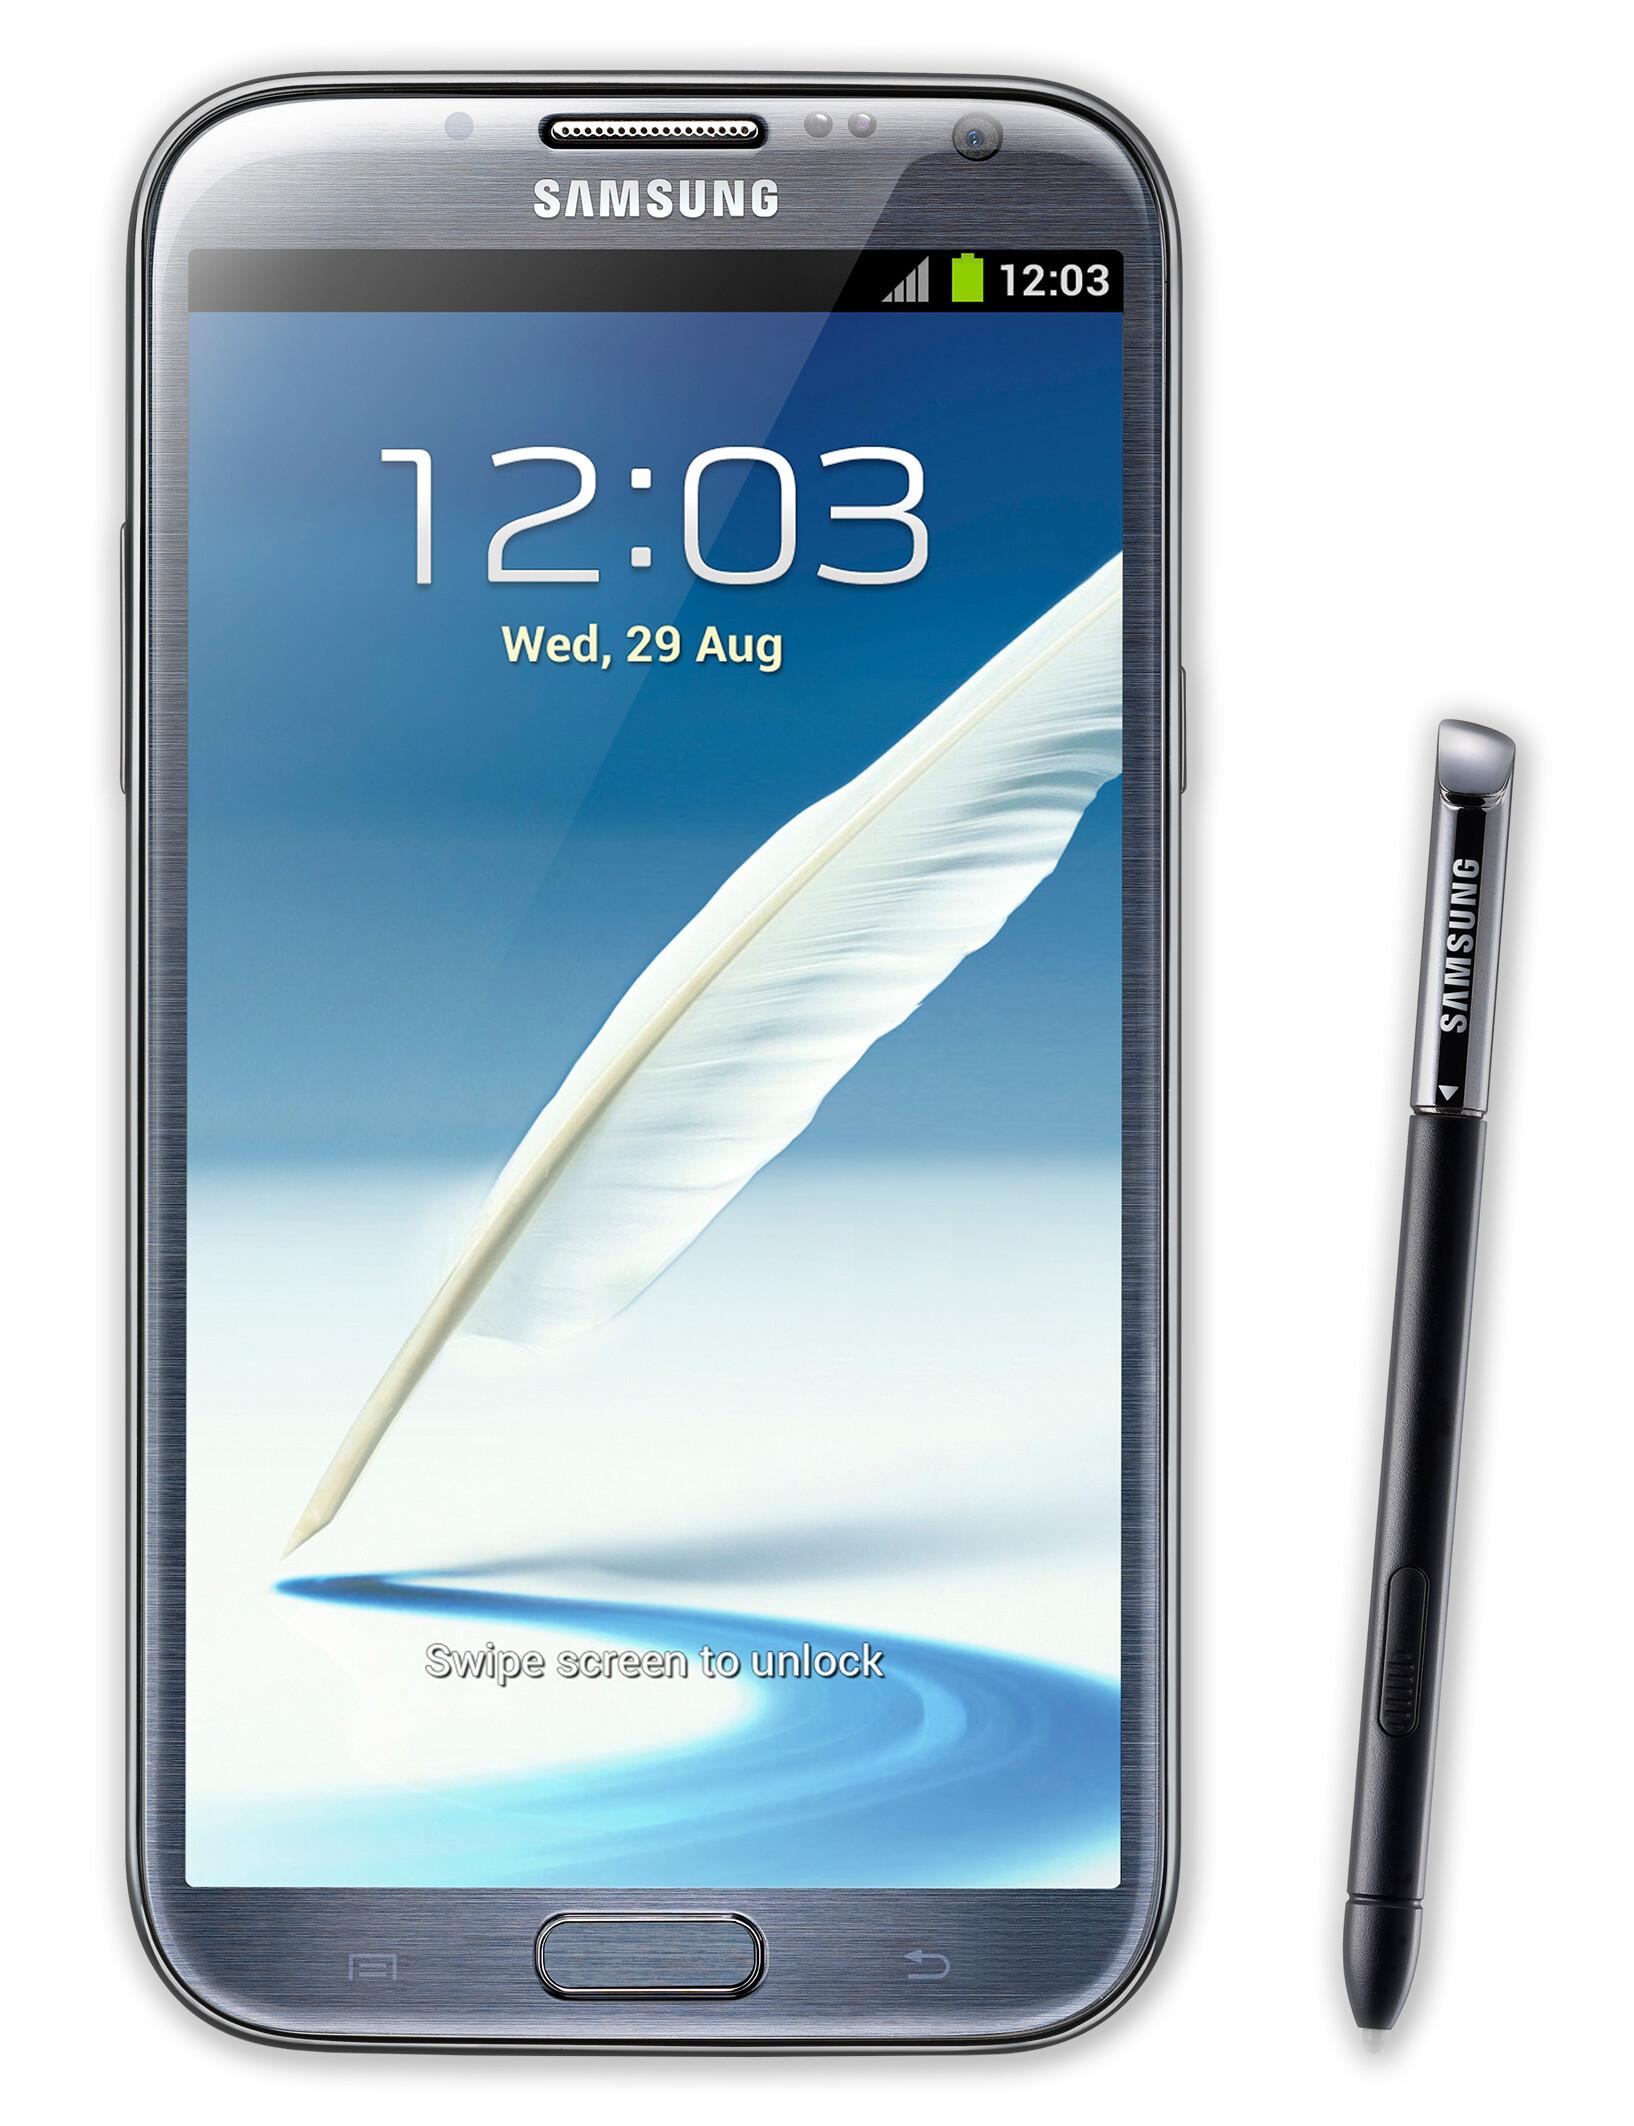 Verizon Samsung Models Samsung Galaxy Note ii Verizon